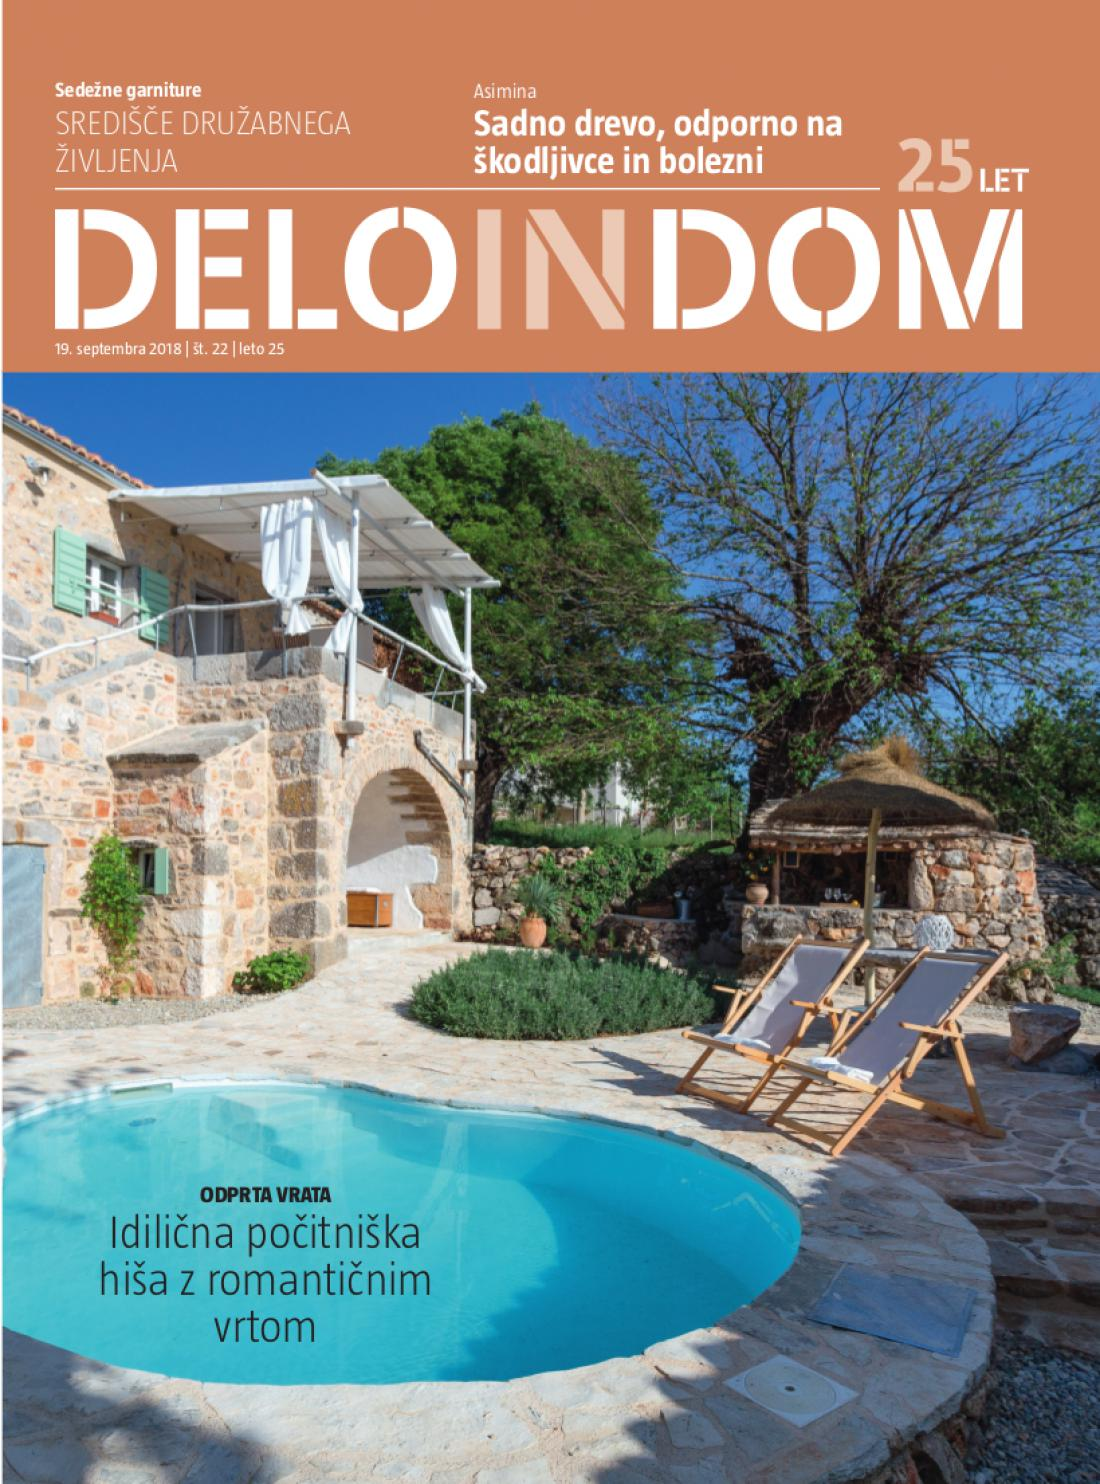 Naslednja številka priloge Deloindom bo Delu in Slovenskim novicam priložena 26. septembra 2018.